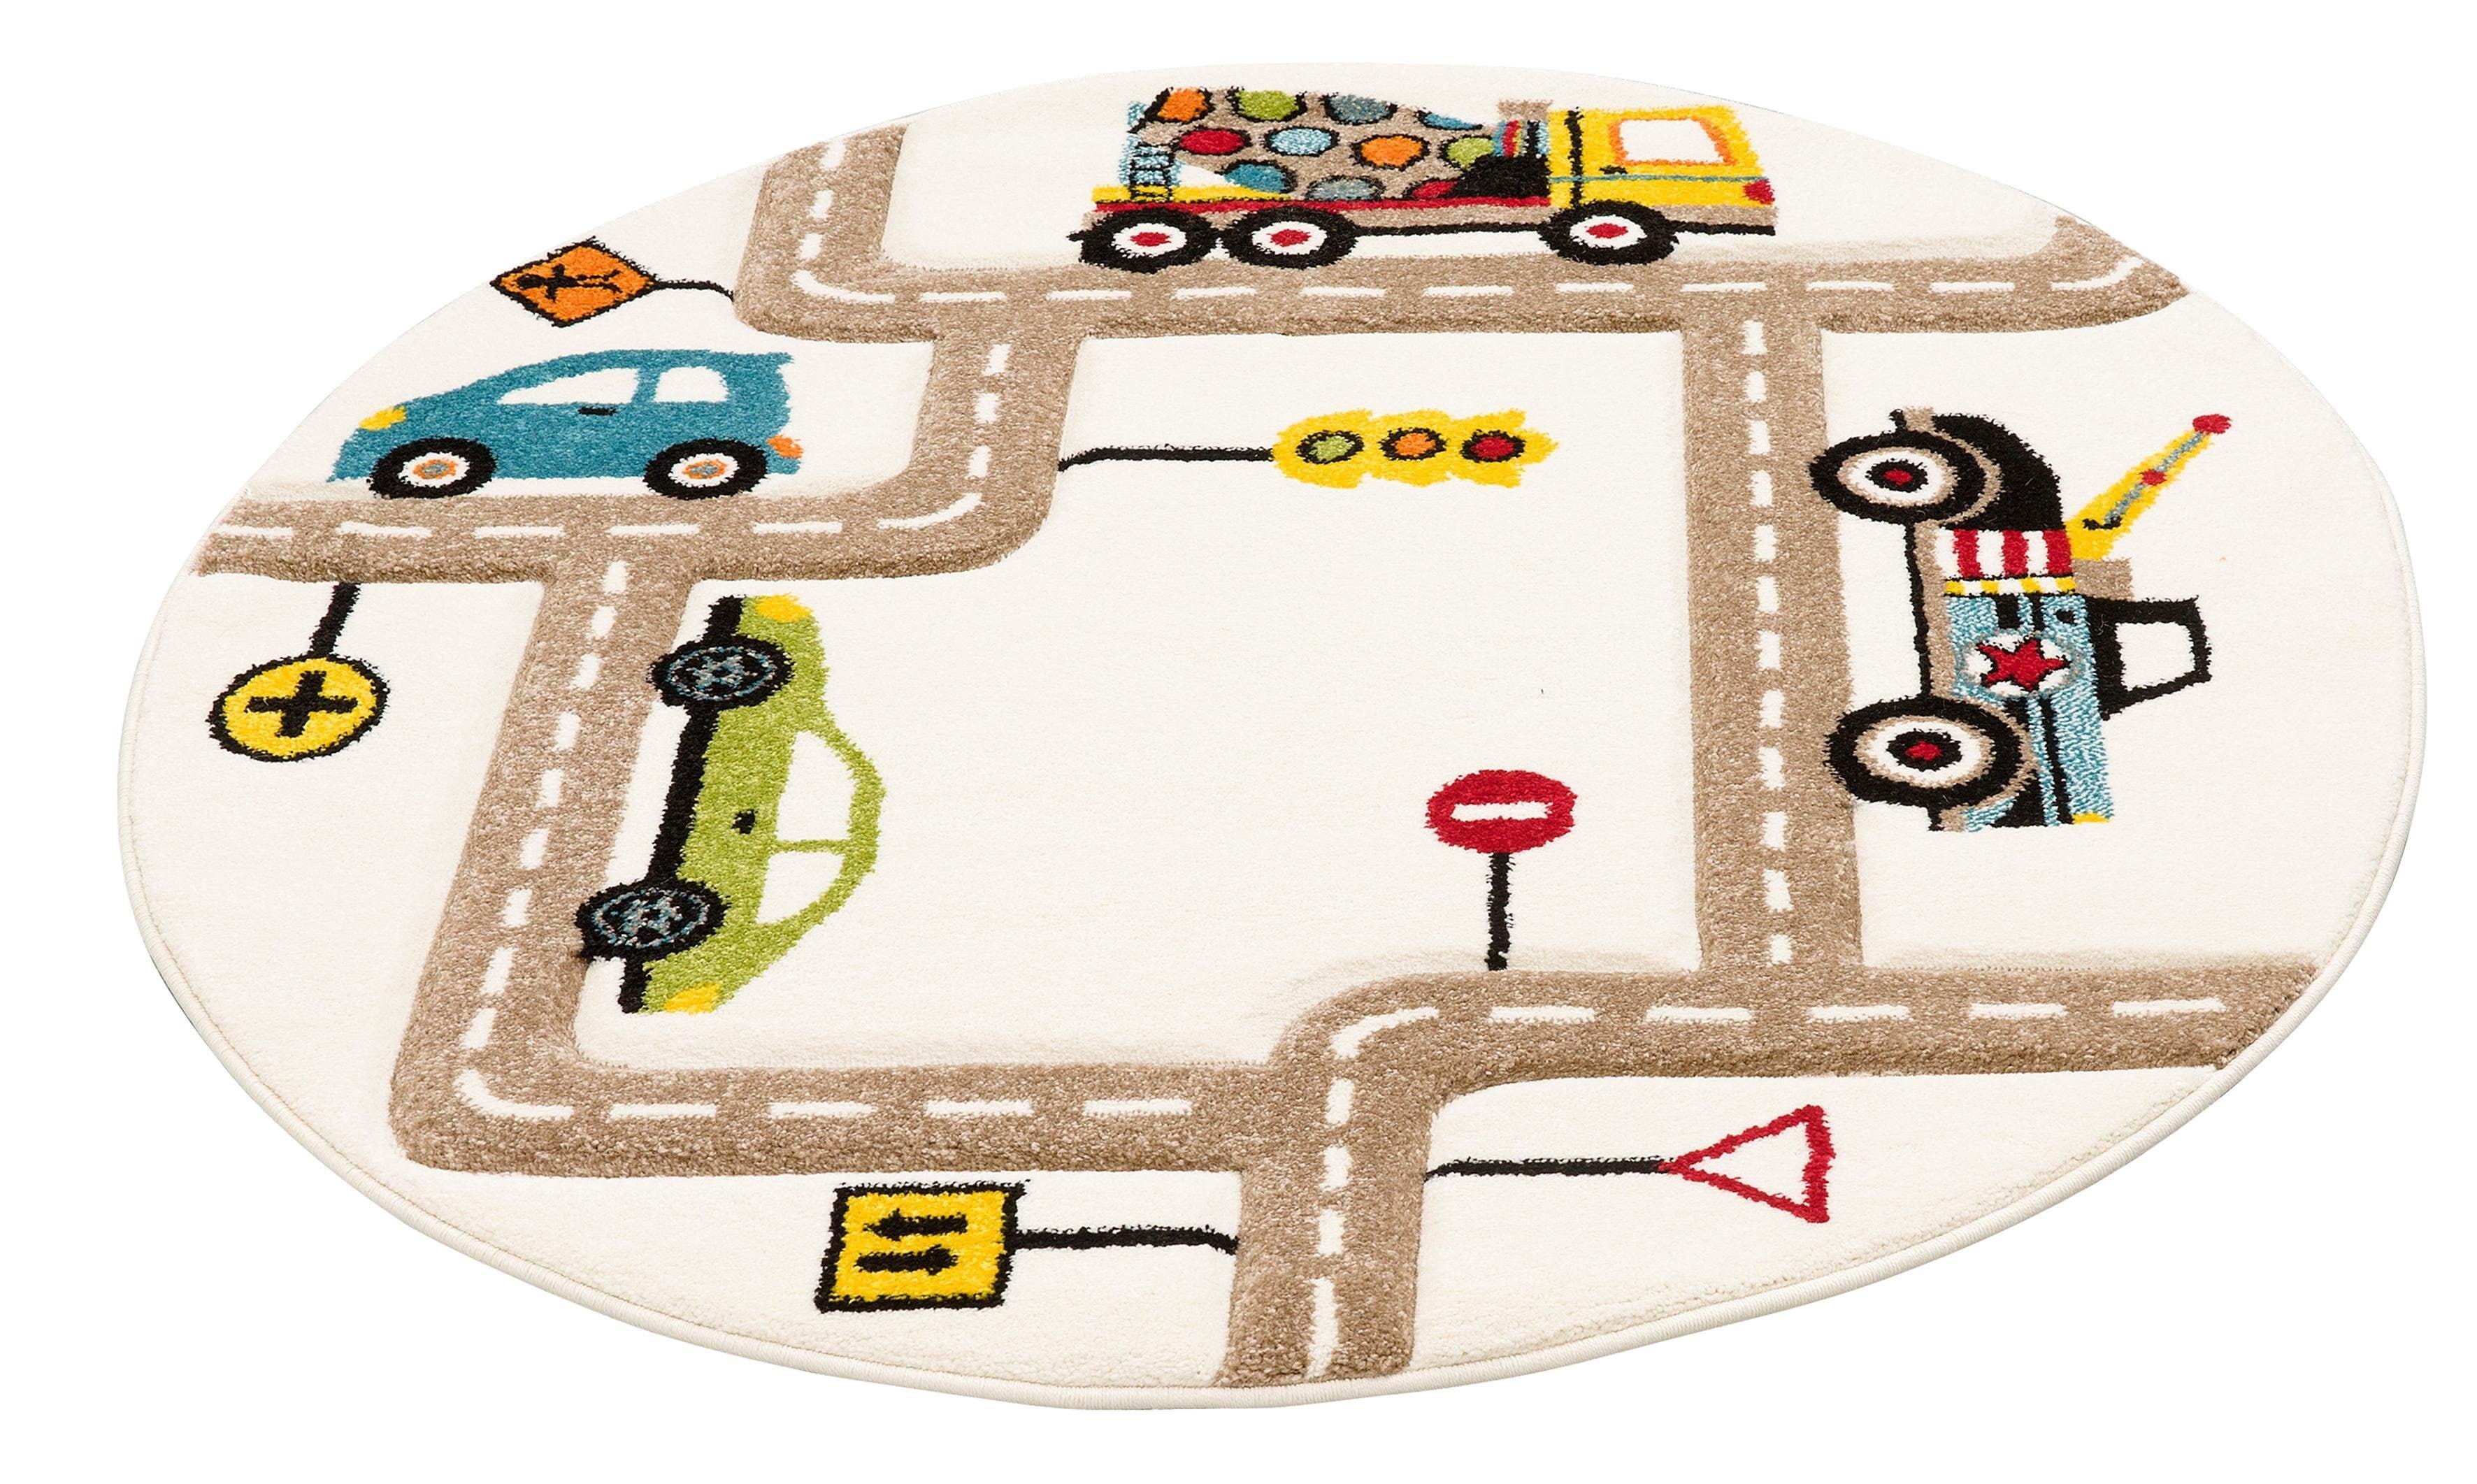 Lüttenhütt Kinderteppich Strassen, rund, 13 mm Höhe, handgearbeiteter Konturenschnitt, Straßen-Spielteppich, Kinderzimmer beige Kinder Bunte Kinderteppiche Teppiche